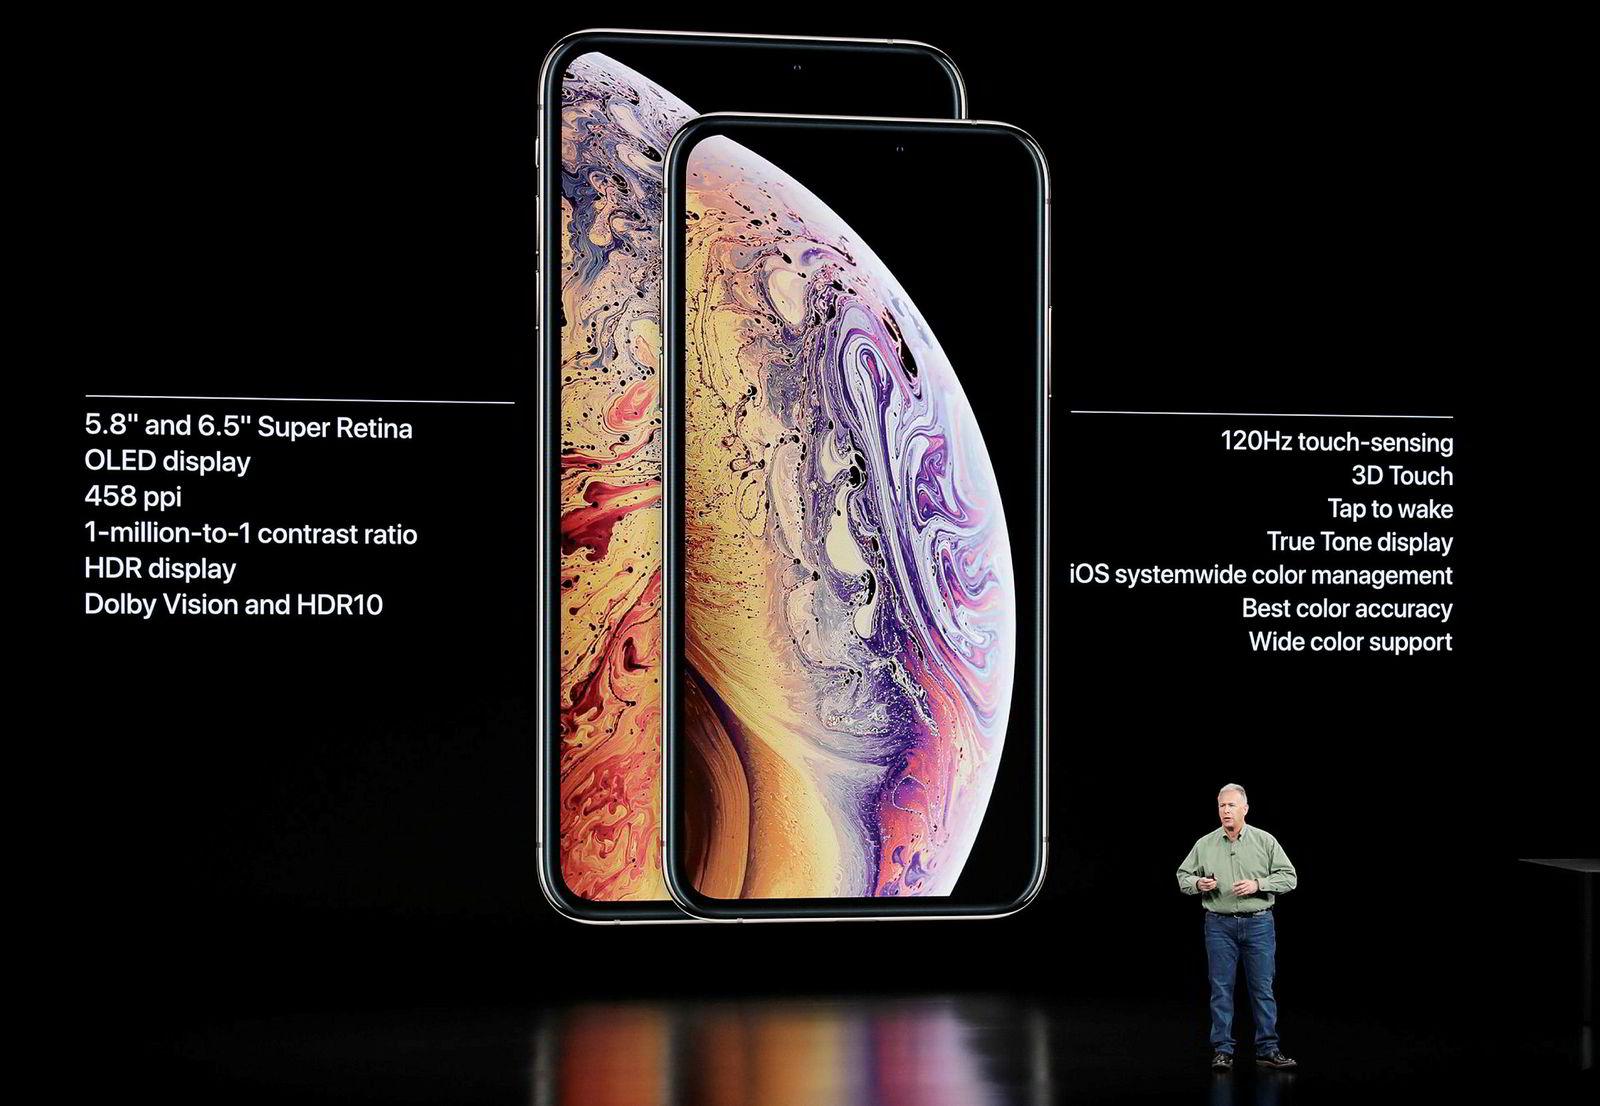 Markedsdirektør Phil Schiller i Apple vise de nye XS-modellene for første gang.